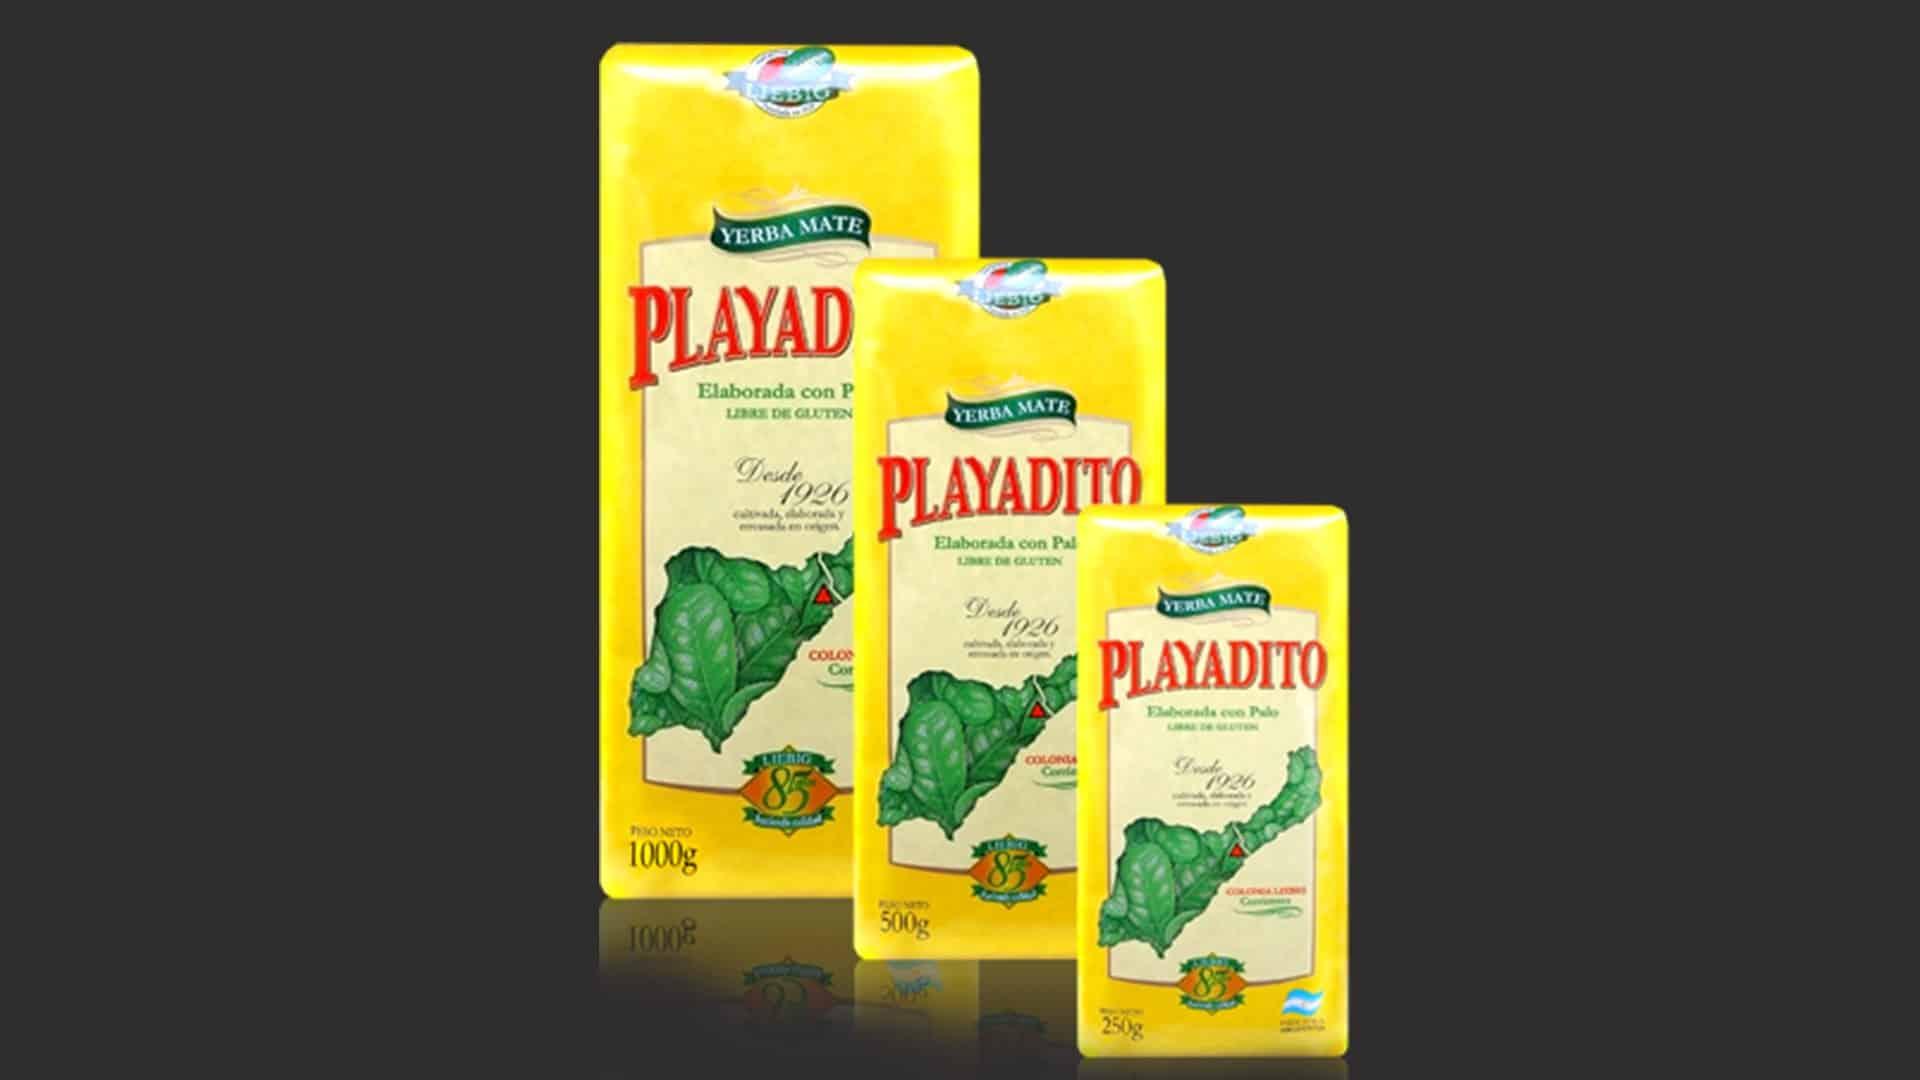 Yerba mate Playadito (materiały producenta)